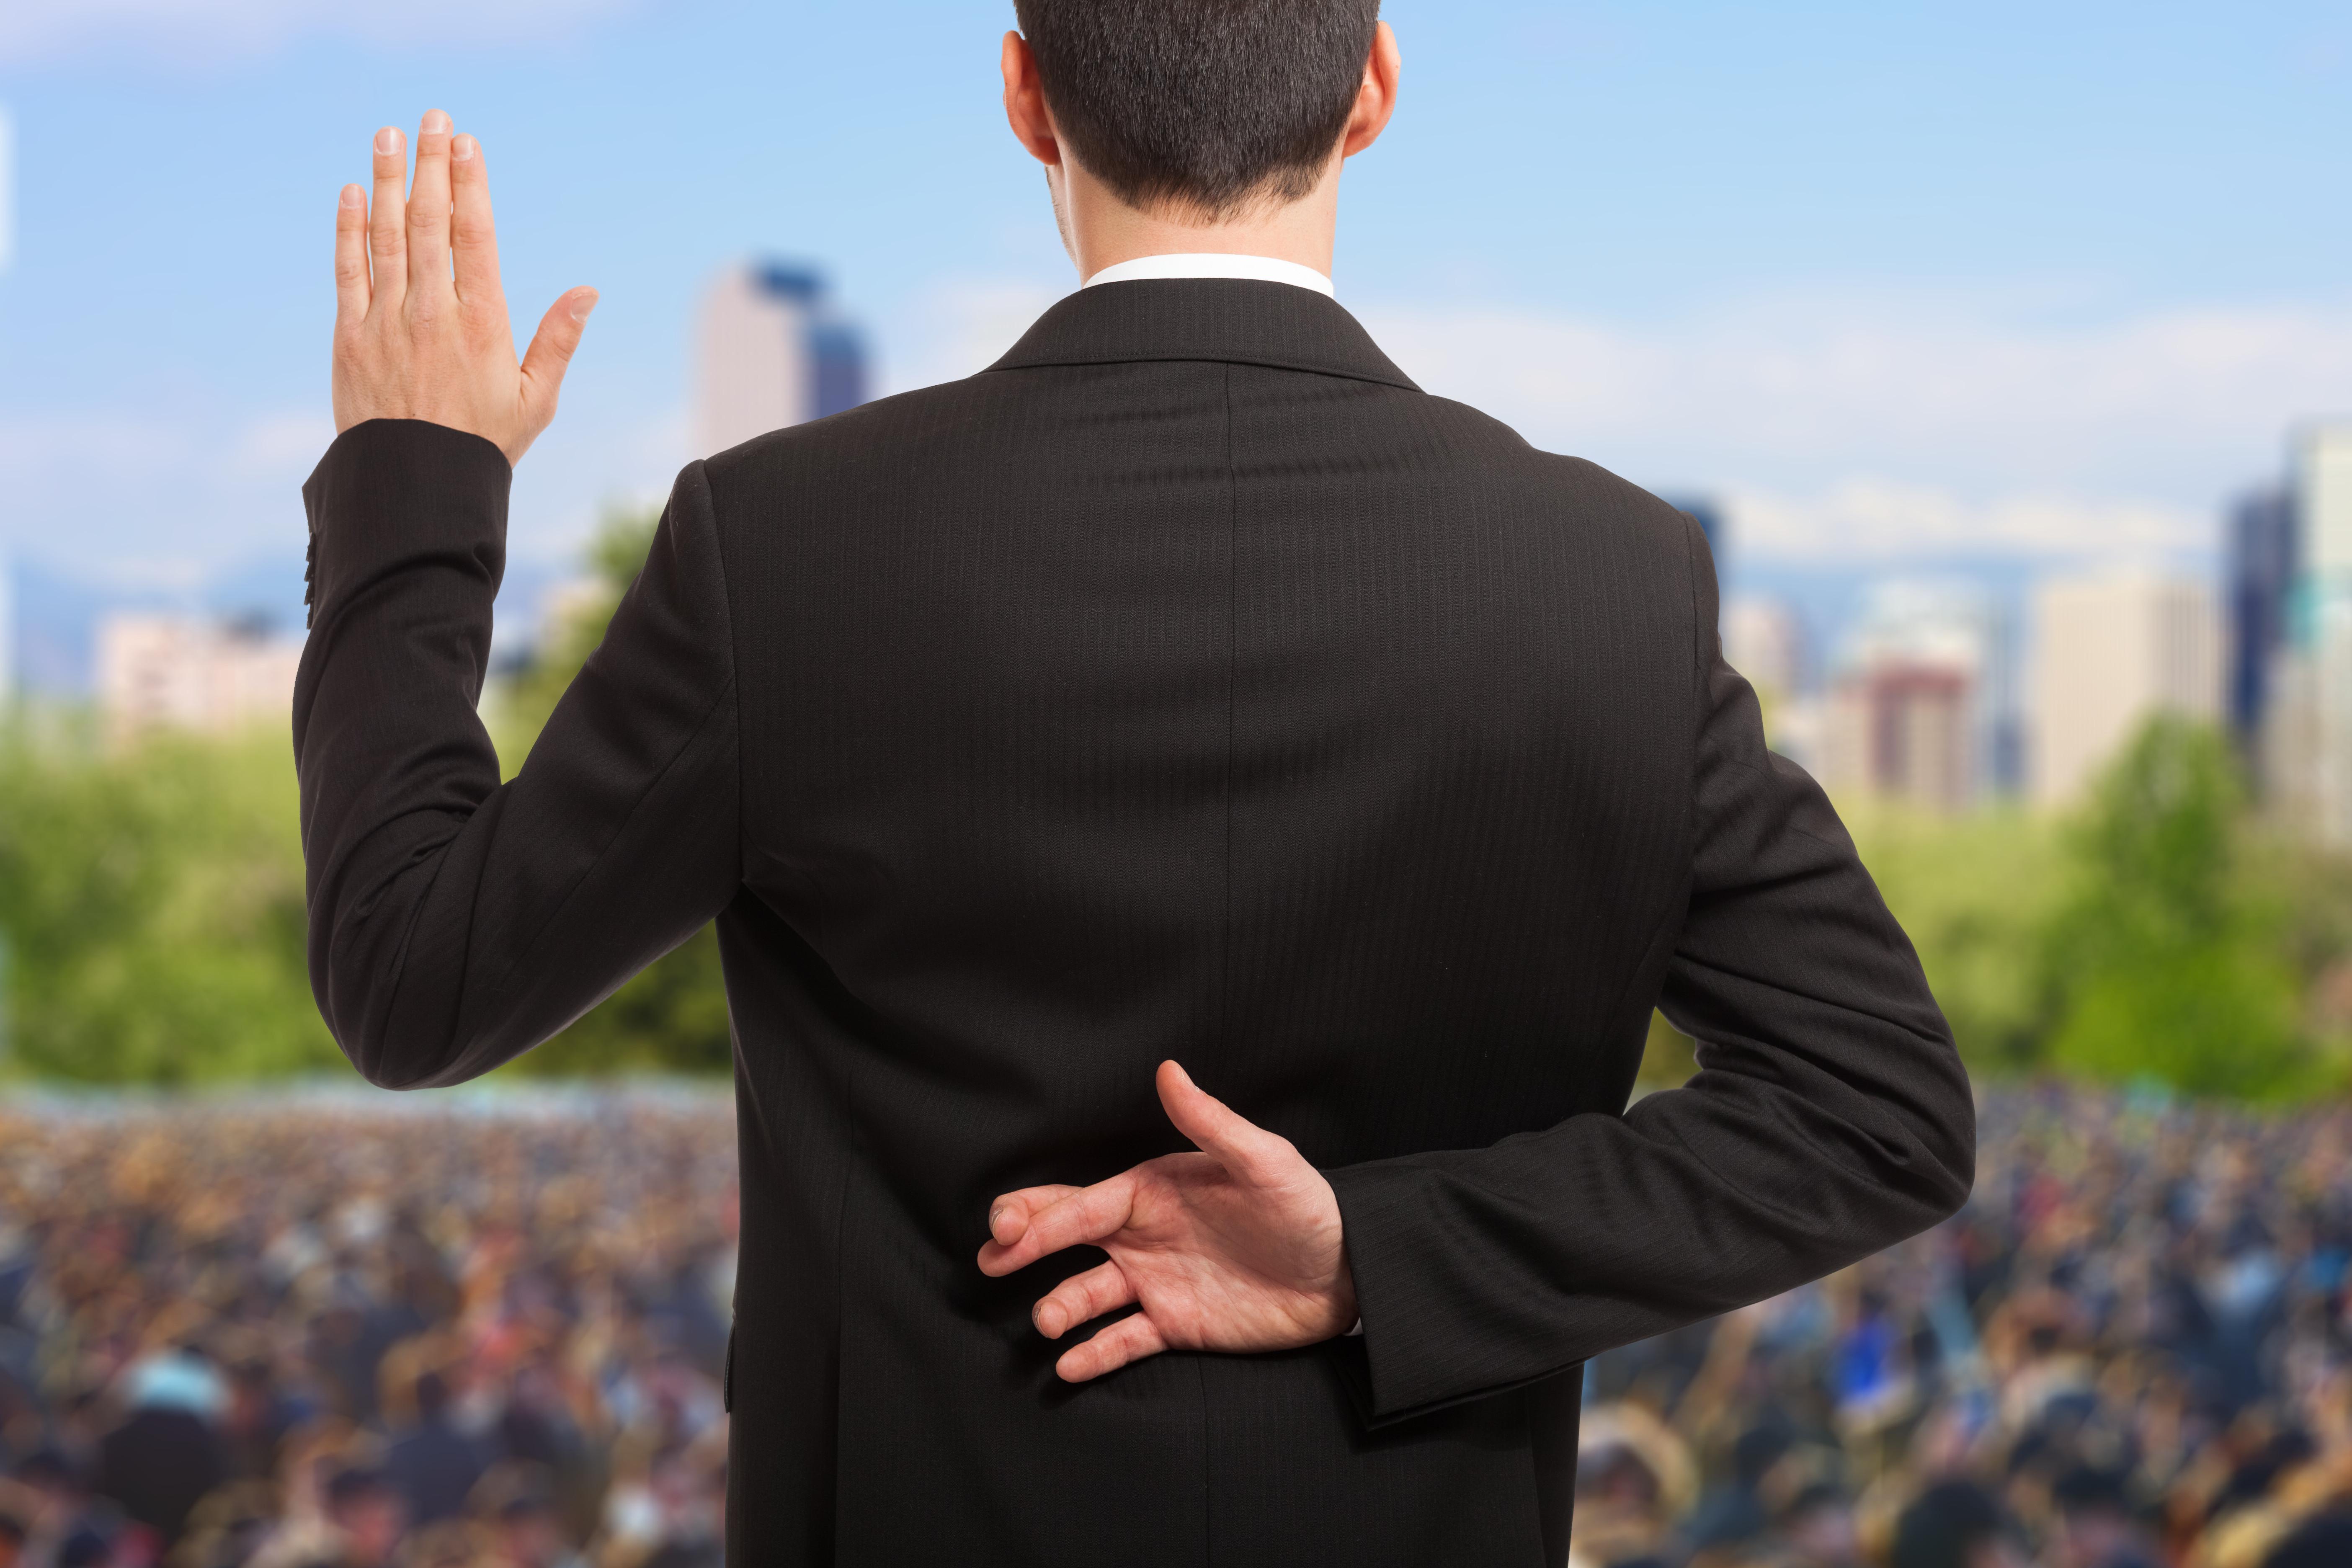 Социологи рассказали, кому из политиков сегодня больше всего доверяют украинцы